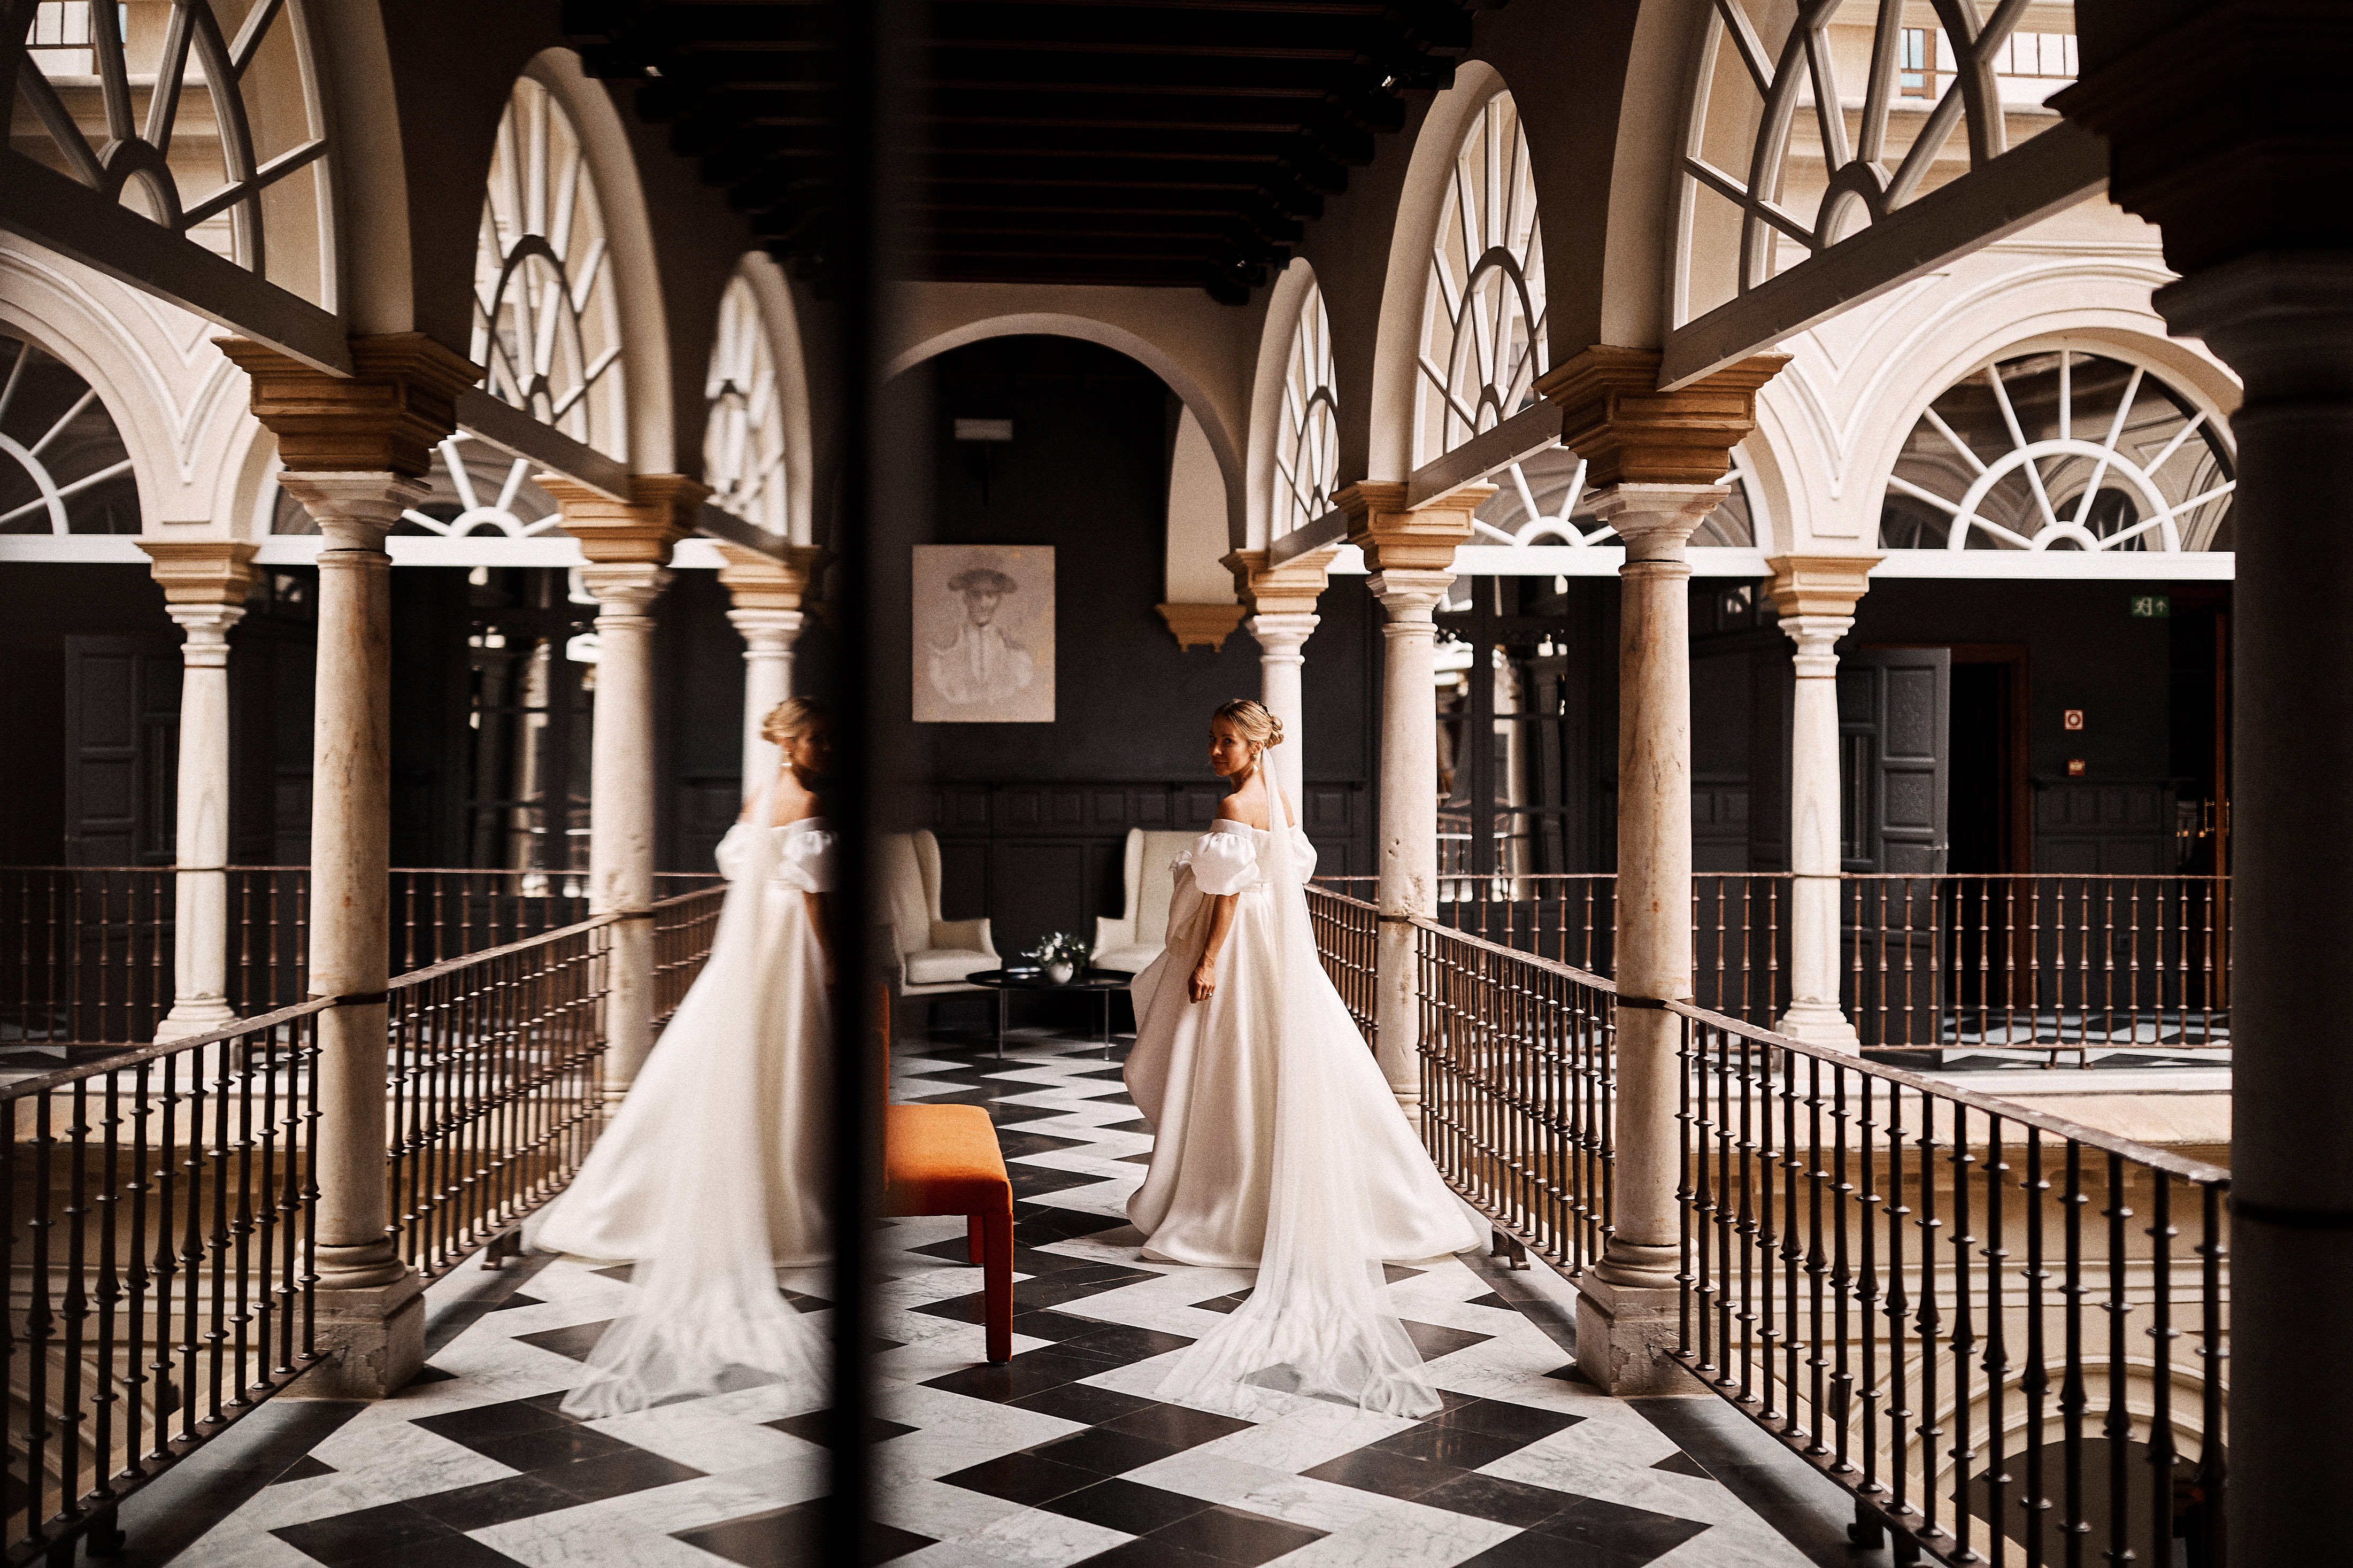 karolina sorab wedding bride looking back mirror